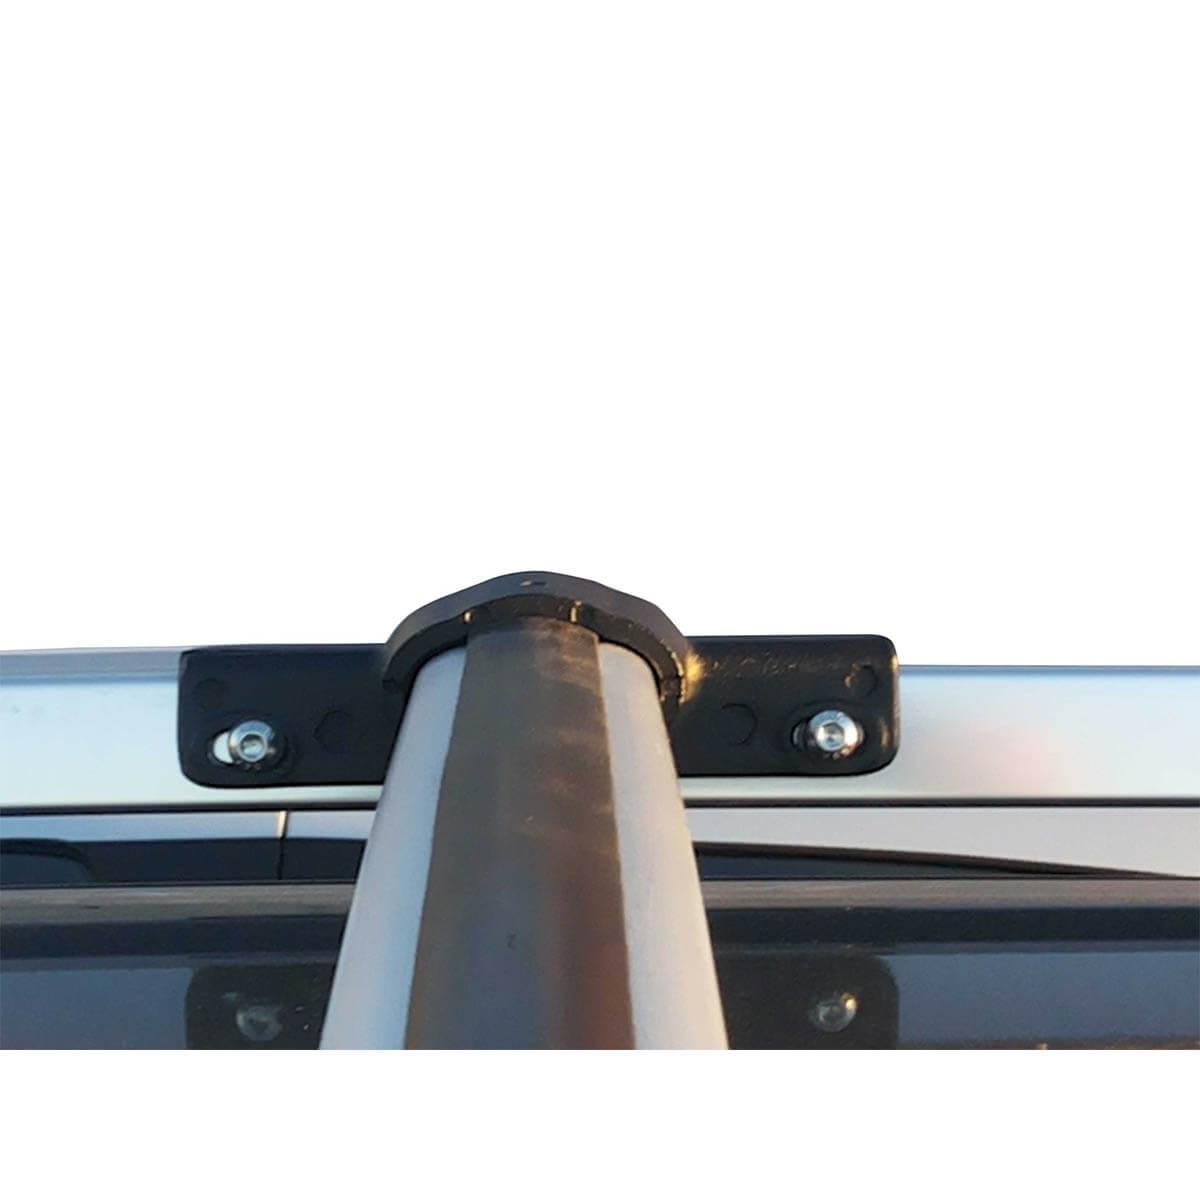 Travessa rack de teto Trailblazer 2013 a 2018 fixação original kit 3 peças